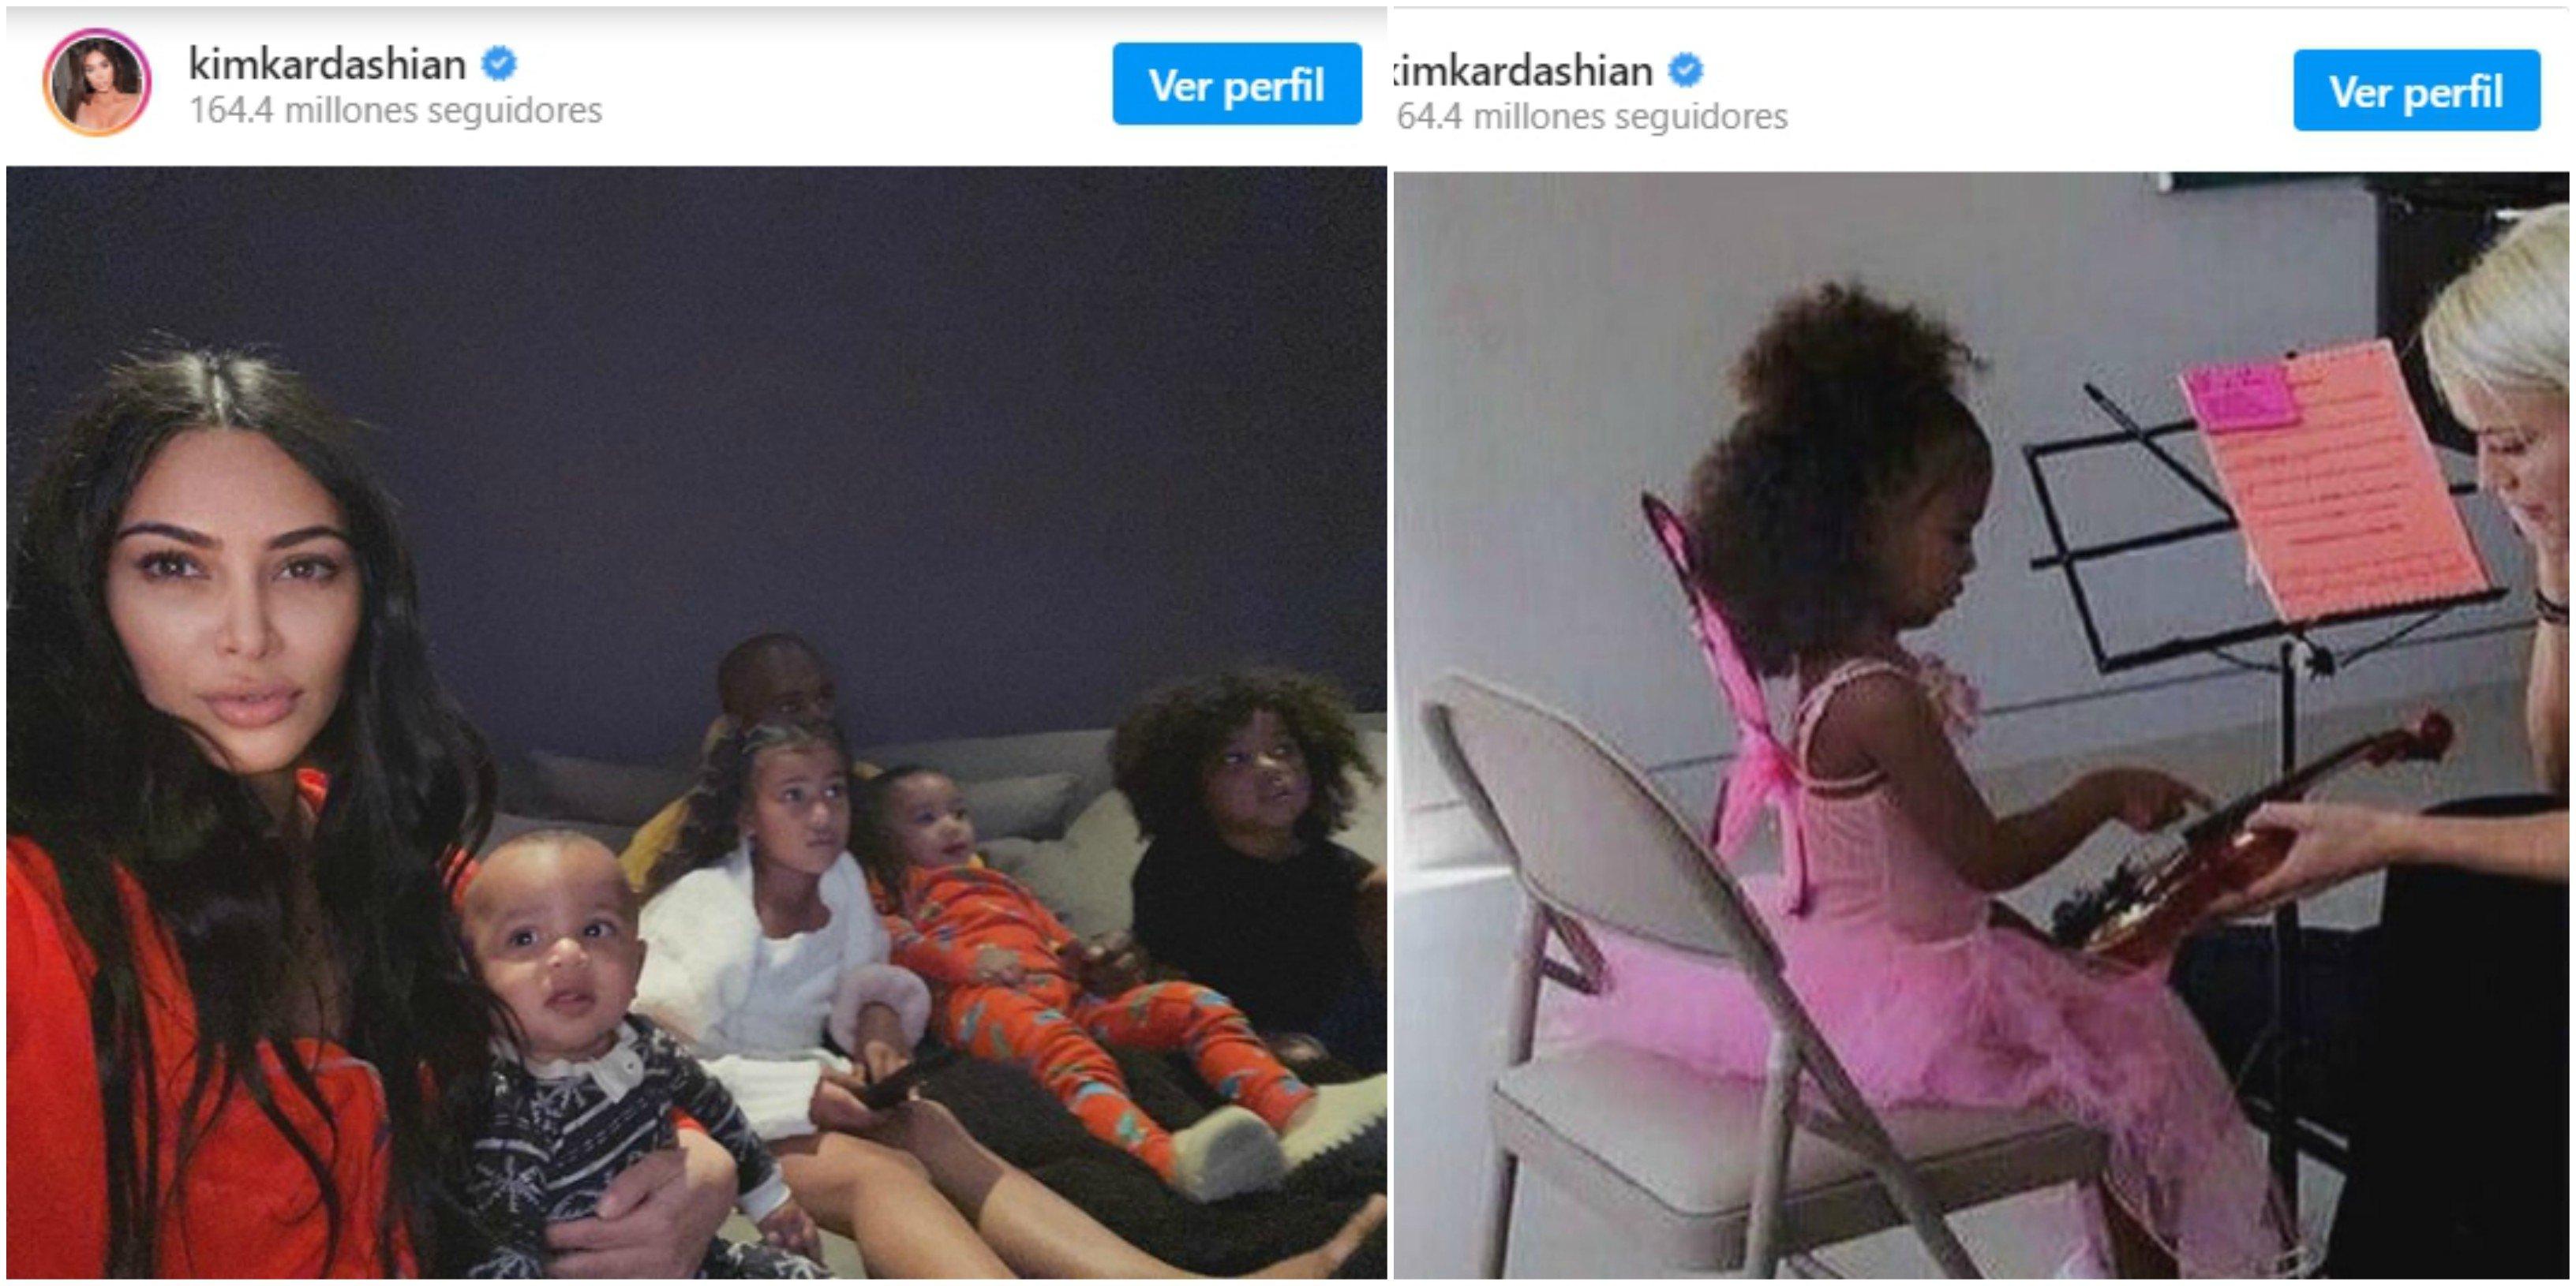 Lo que se pierde el mundo: Kim Kardashian ha tomado una decisión firme durante la cuarentena... no volverá a ser madre